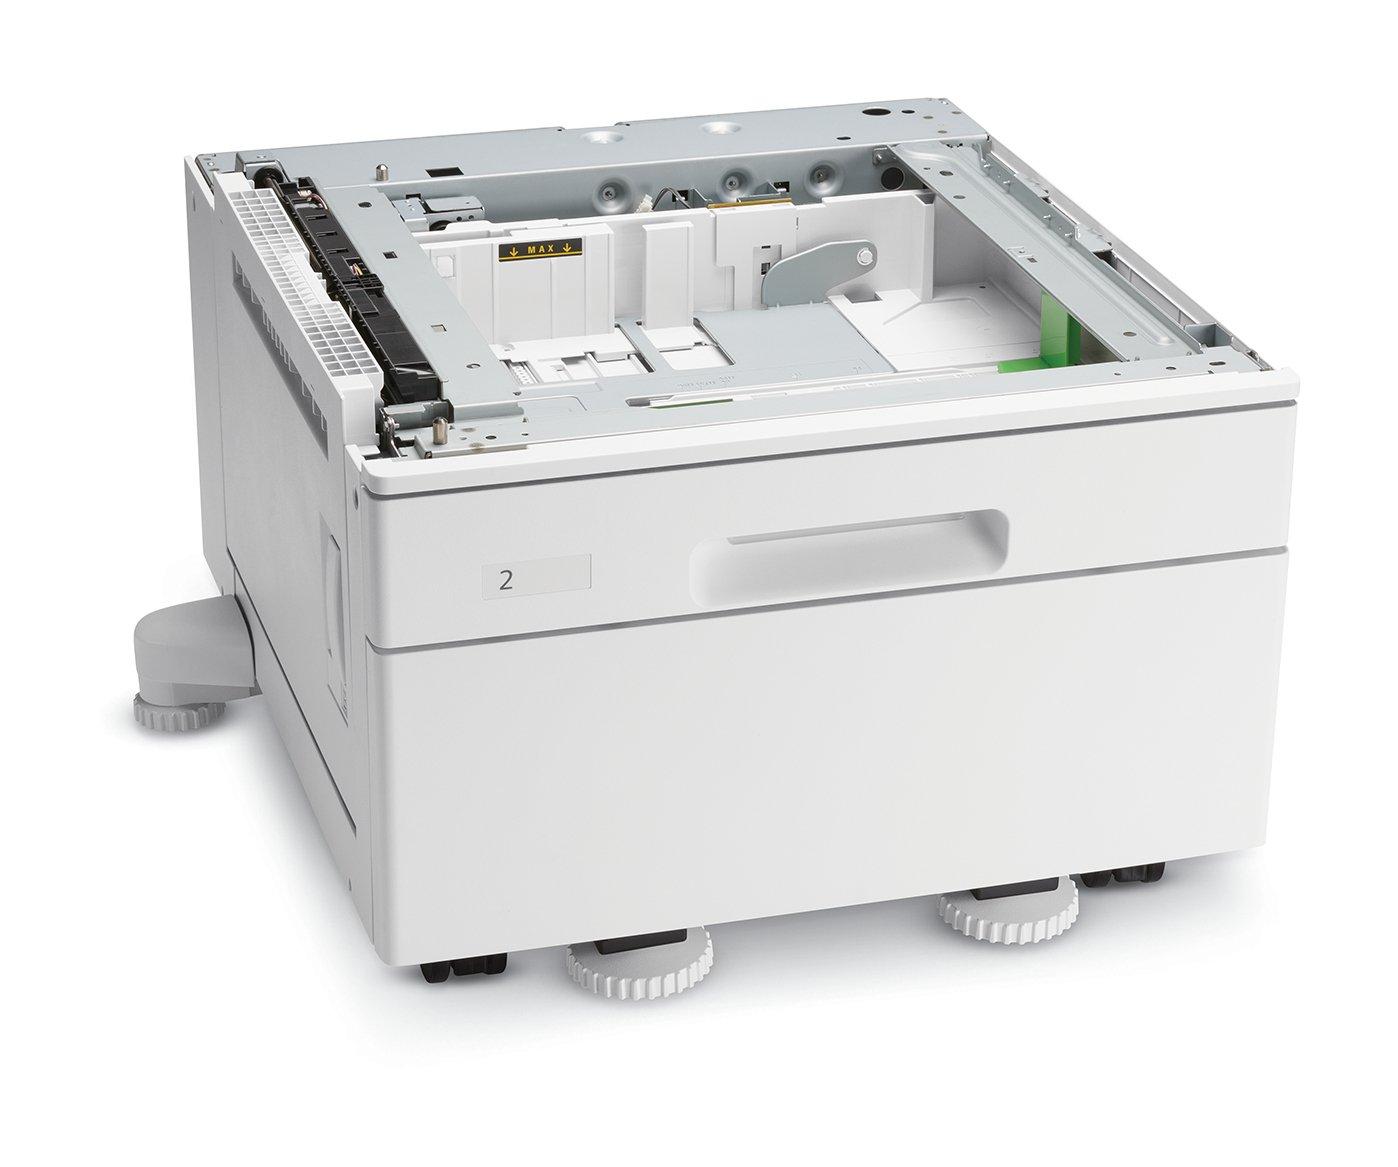 Xerox - 097S04907 - Xerox 520 Sheet A3 Single Tray with Stand - 520 Sheet